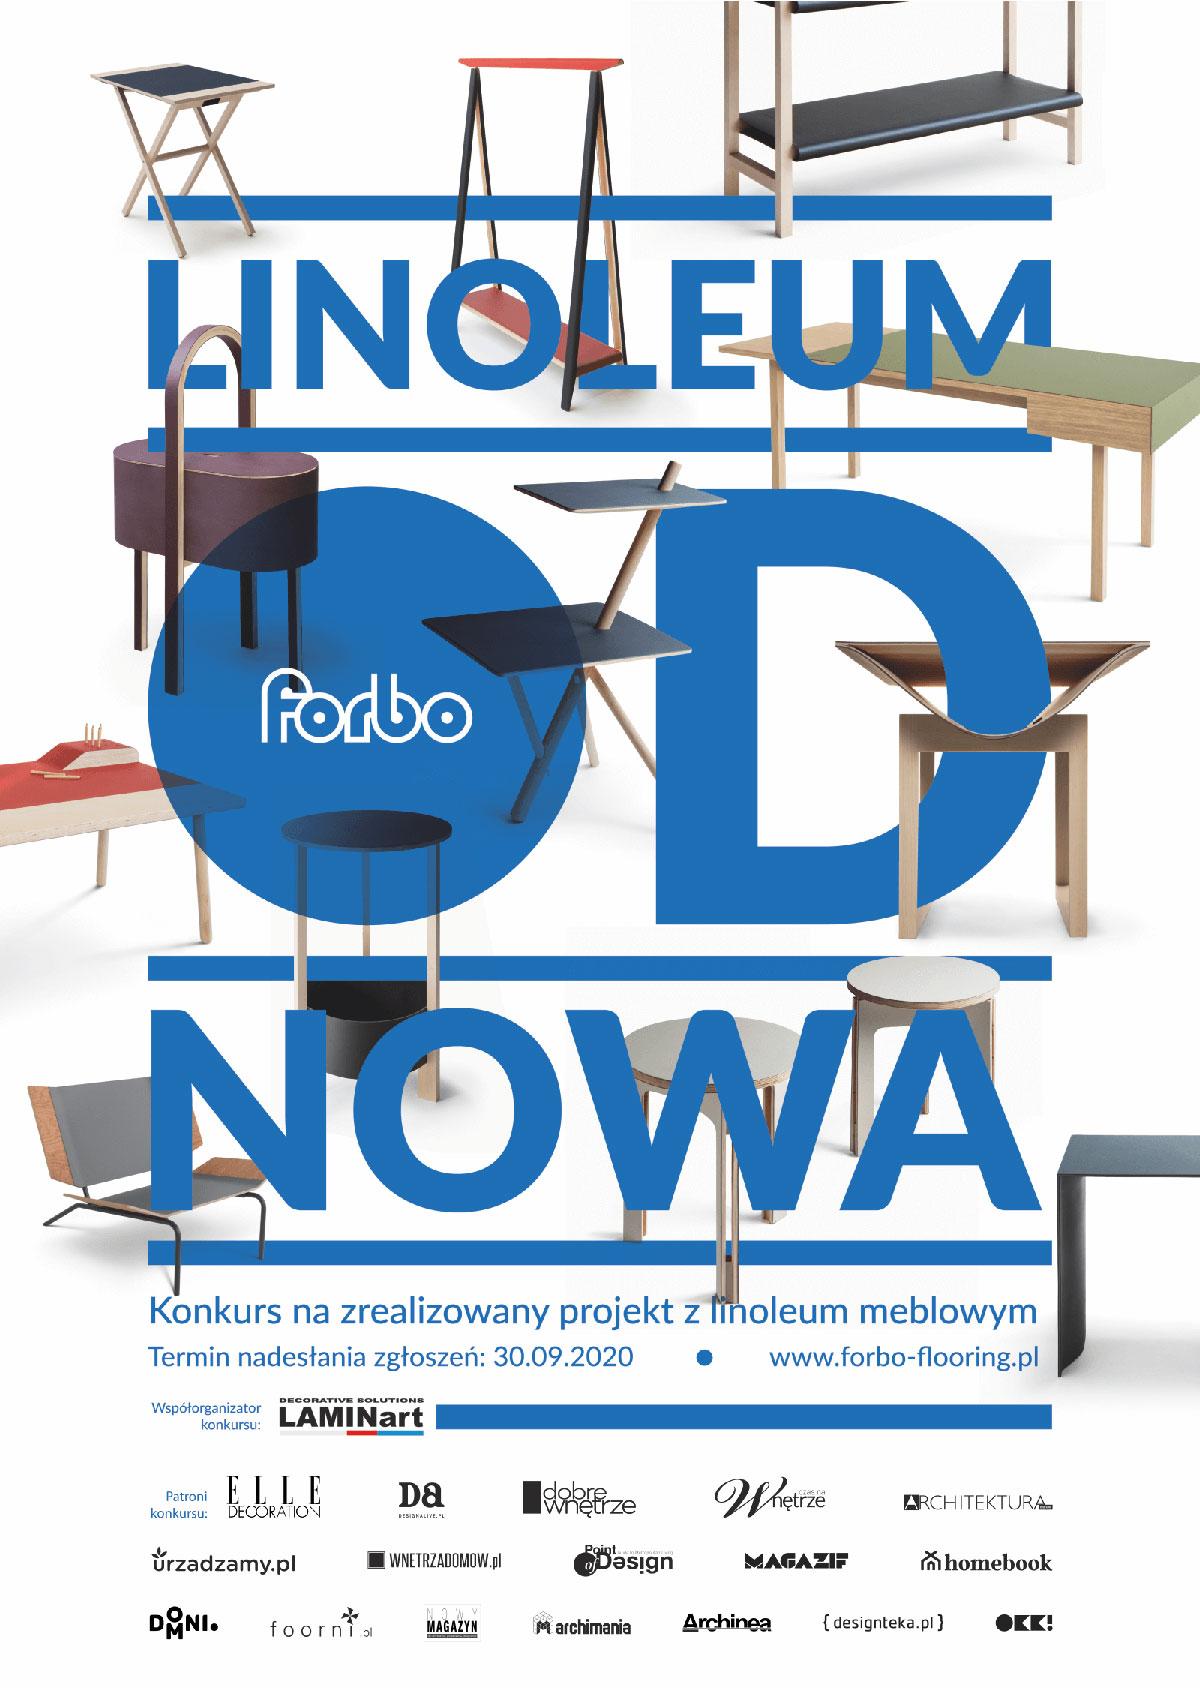 konkurs Linoleum od nowa